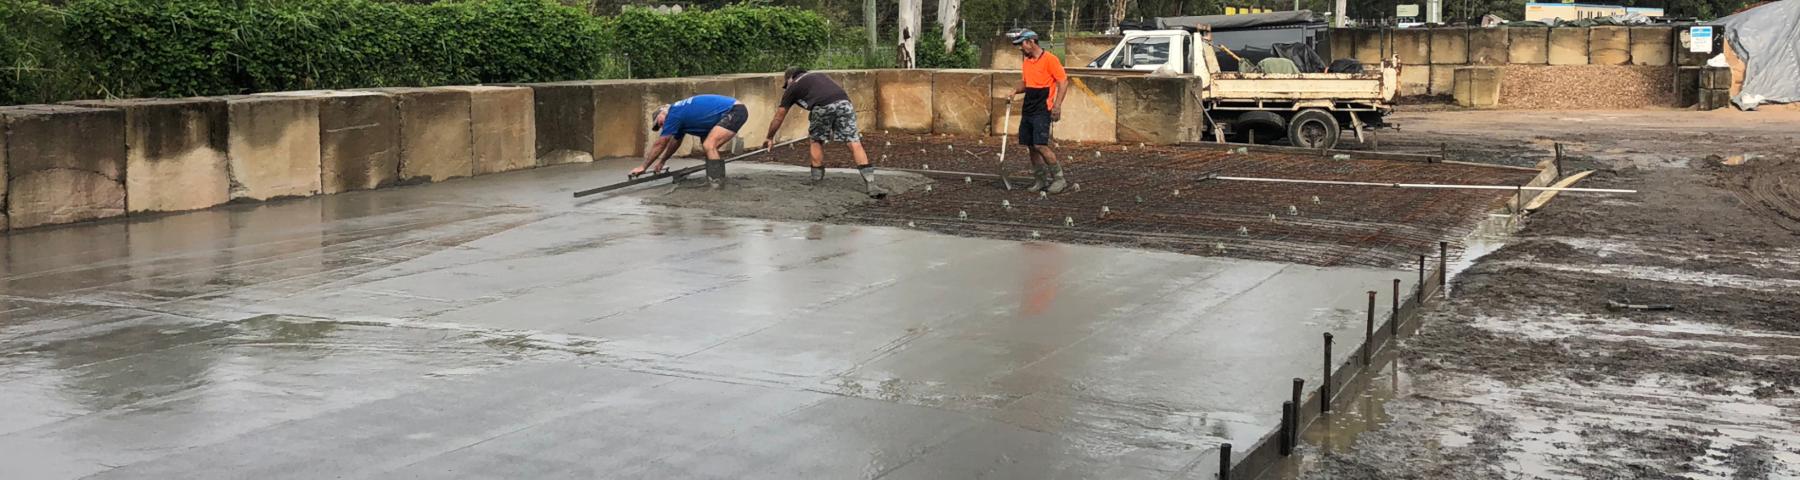 Concretors